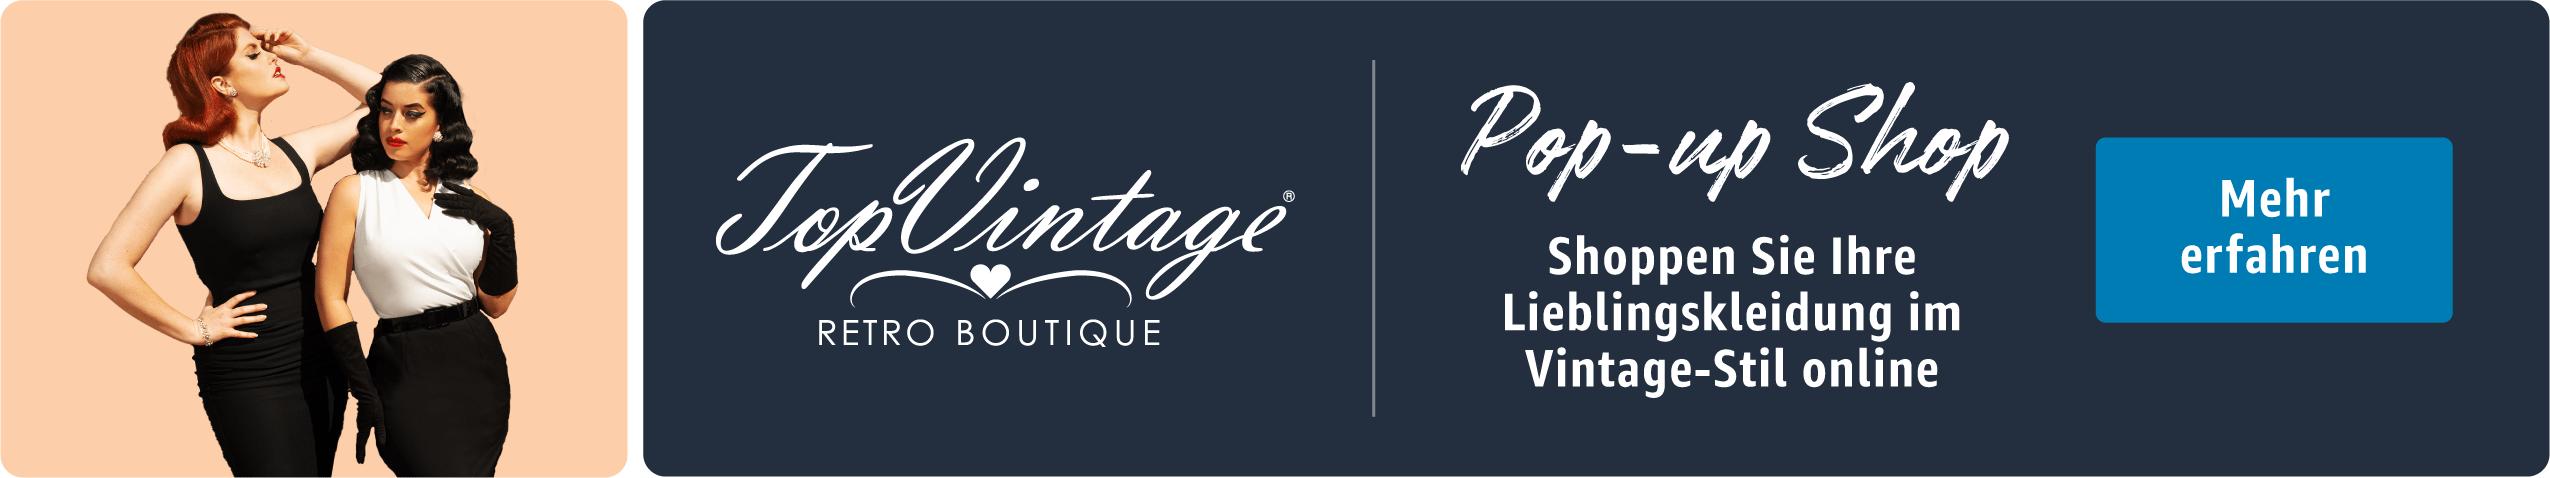 Shoppen Sie hier Ihre Lieblingskleidung im Vintage-Stil. Damenmode inspiriert von den Looks aus der Vergangenheit.